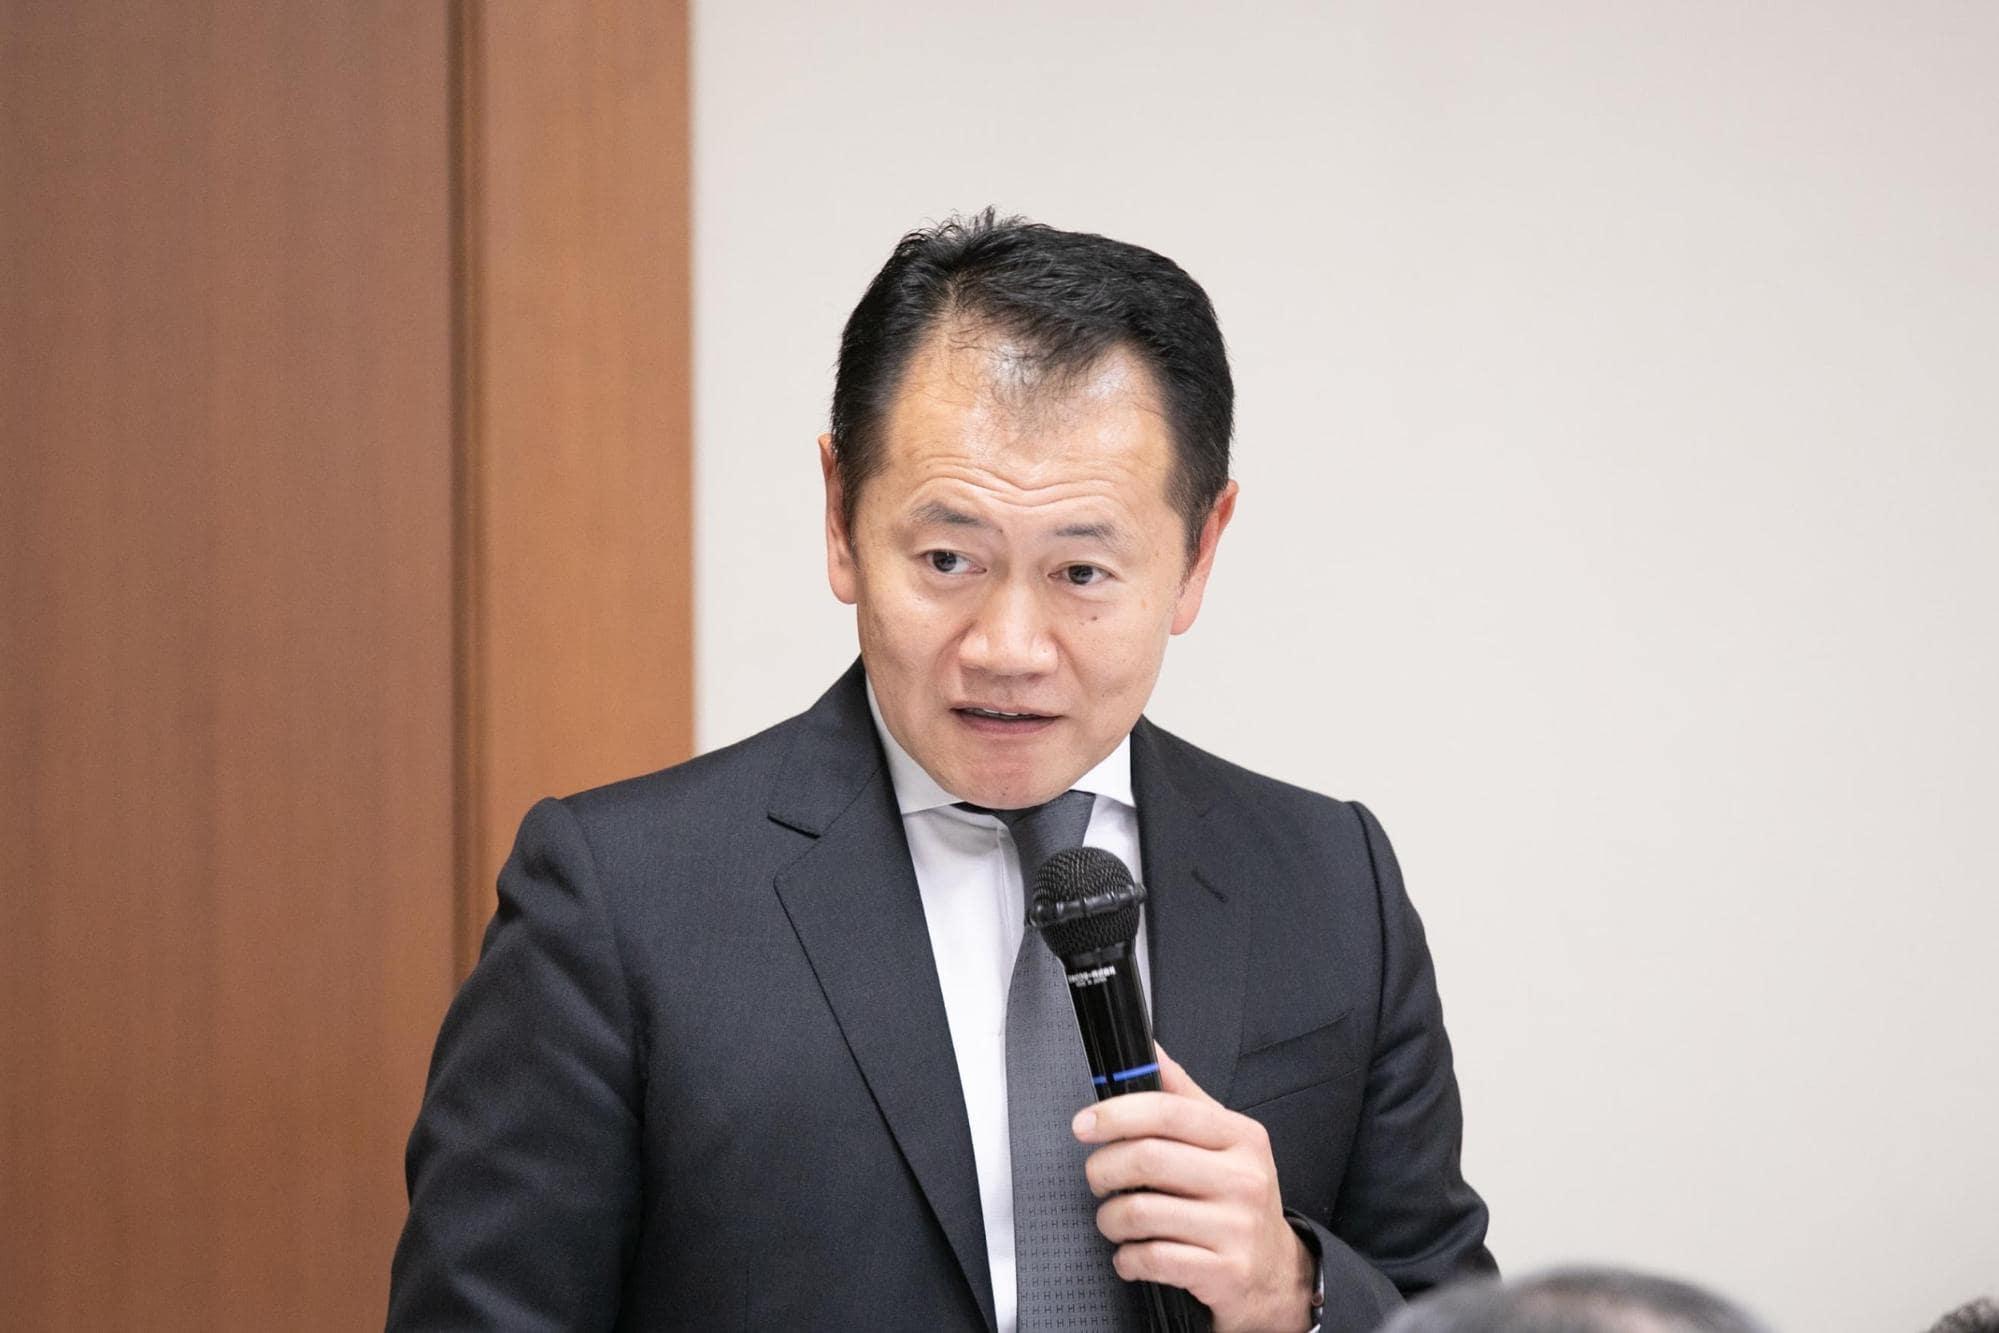 会長の赤浦氏は「スタートアップ環境は盛り上がりを見せているが、グローバルに比べて大きな投資が行われていない」と指摘する。